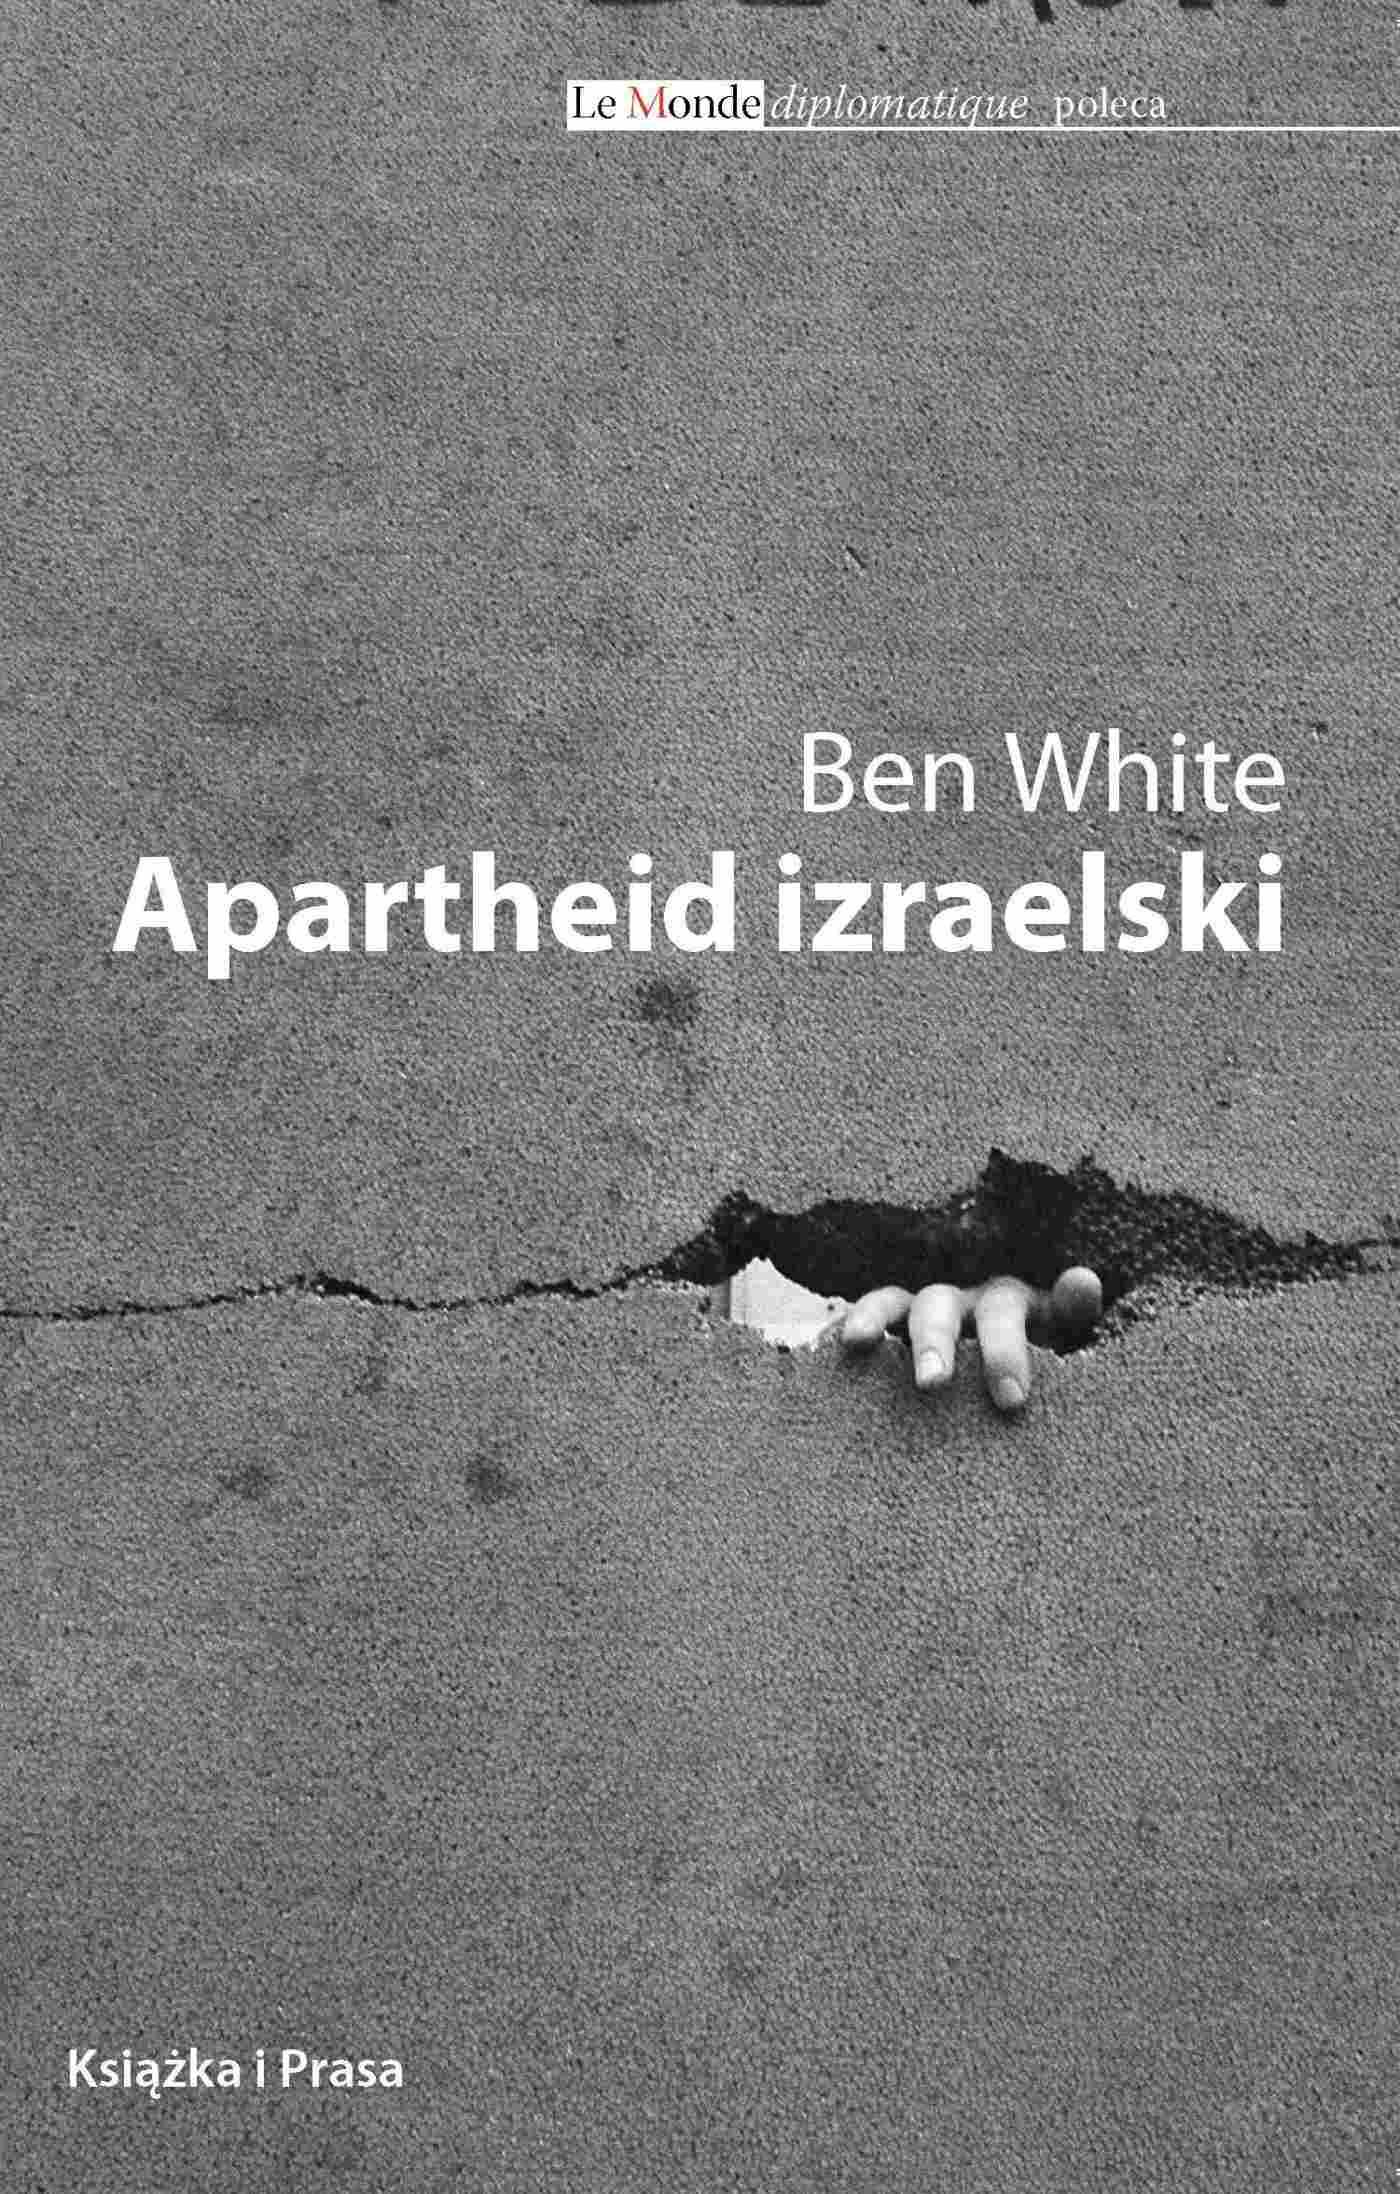 Apartheid izraelski. Przewodnik dla początkujących - Ebook (Książka EPUB) do pobrania w formacie EPUB